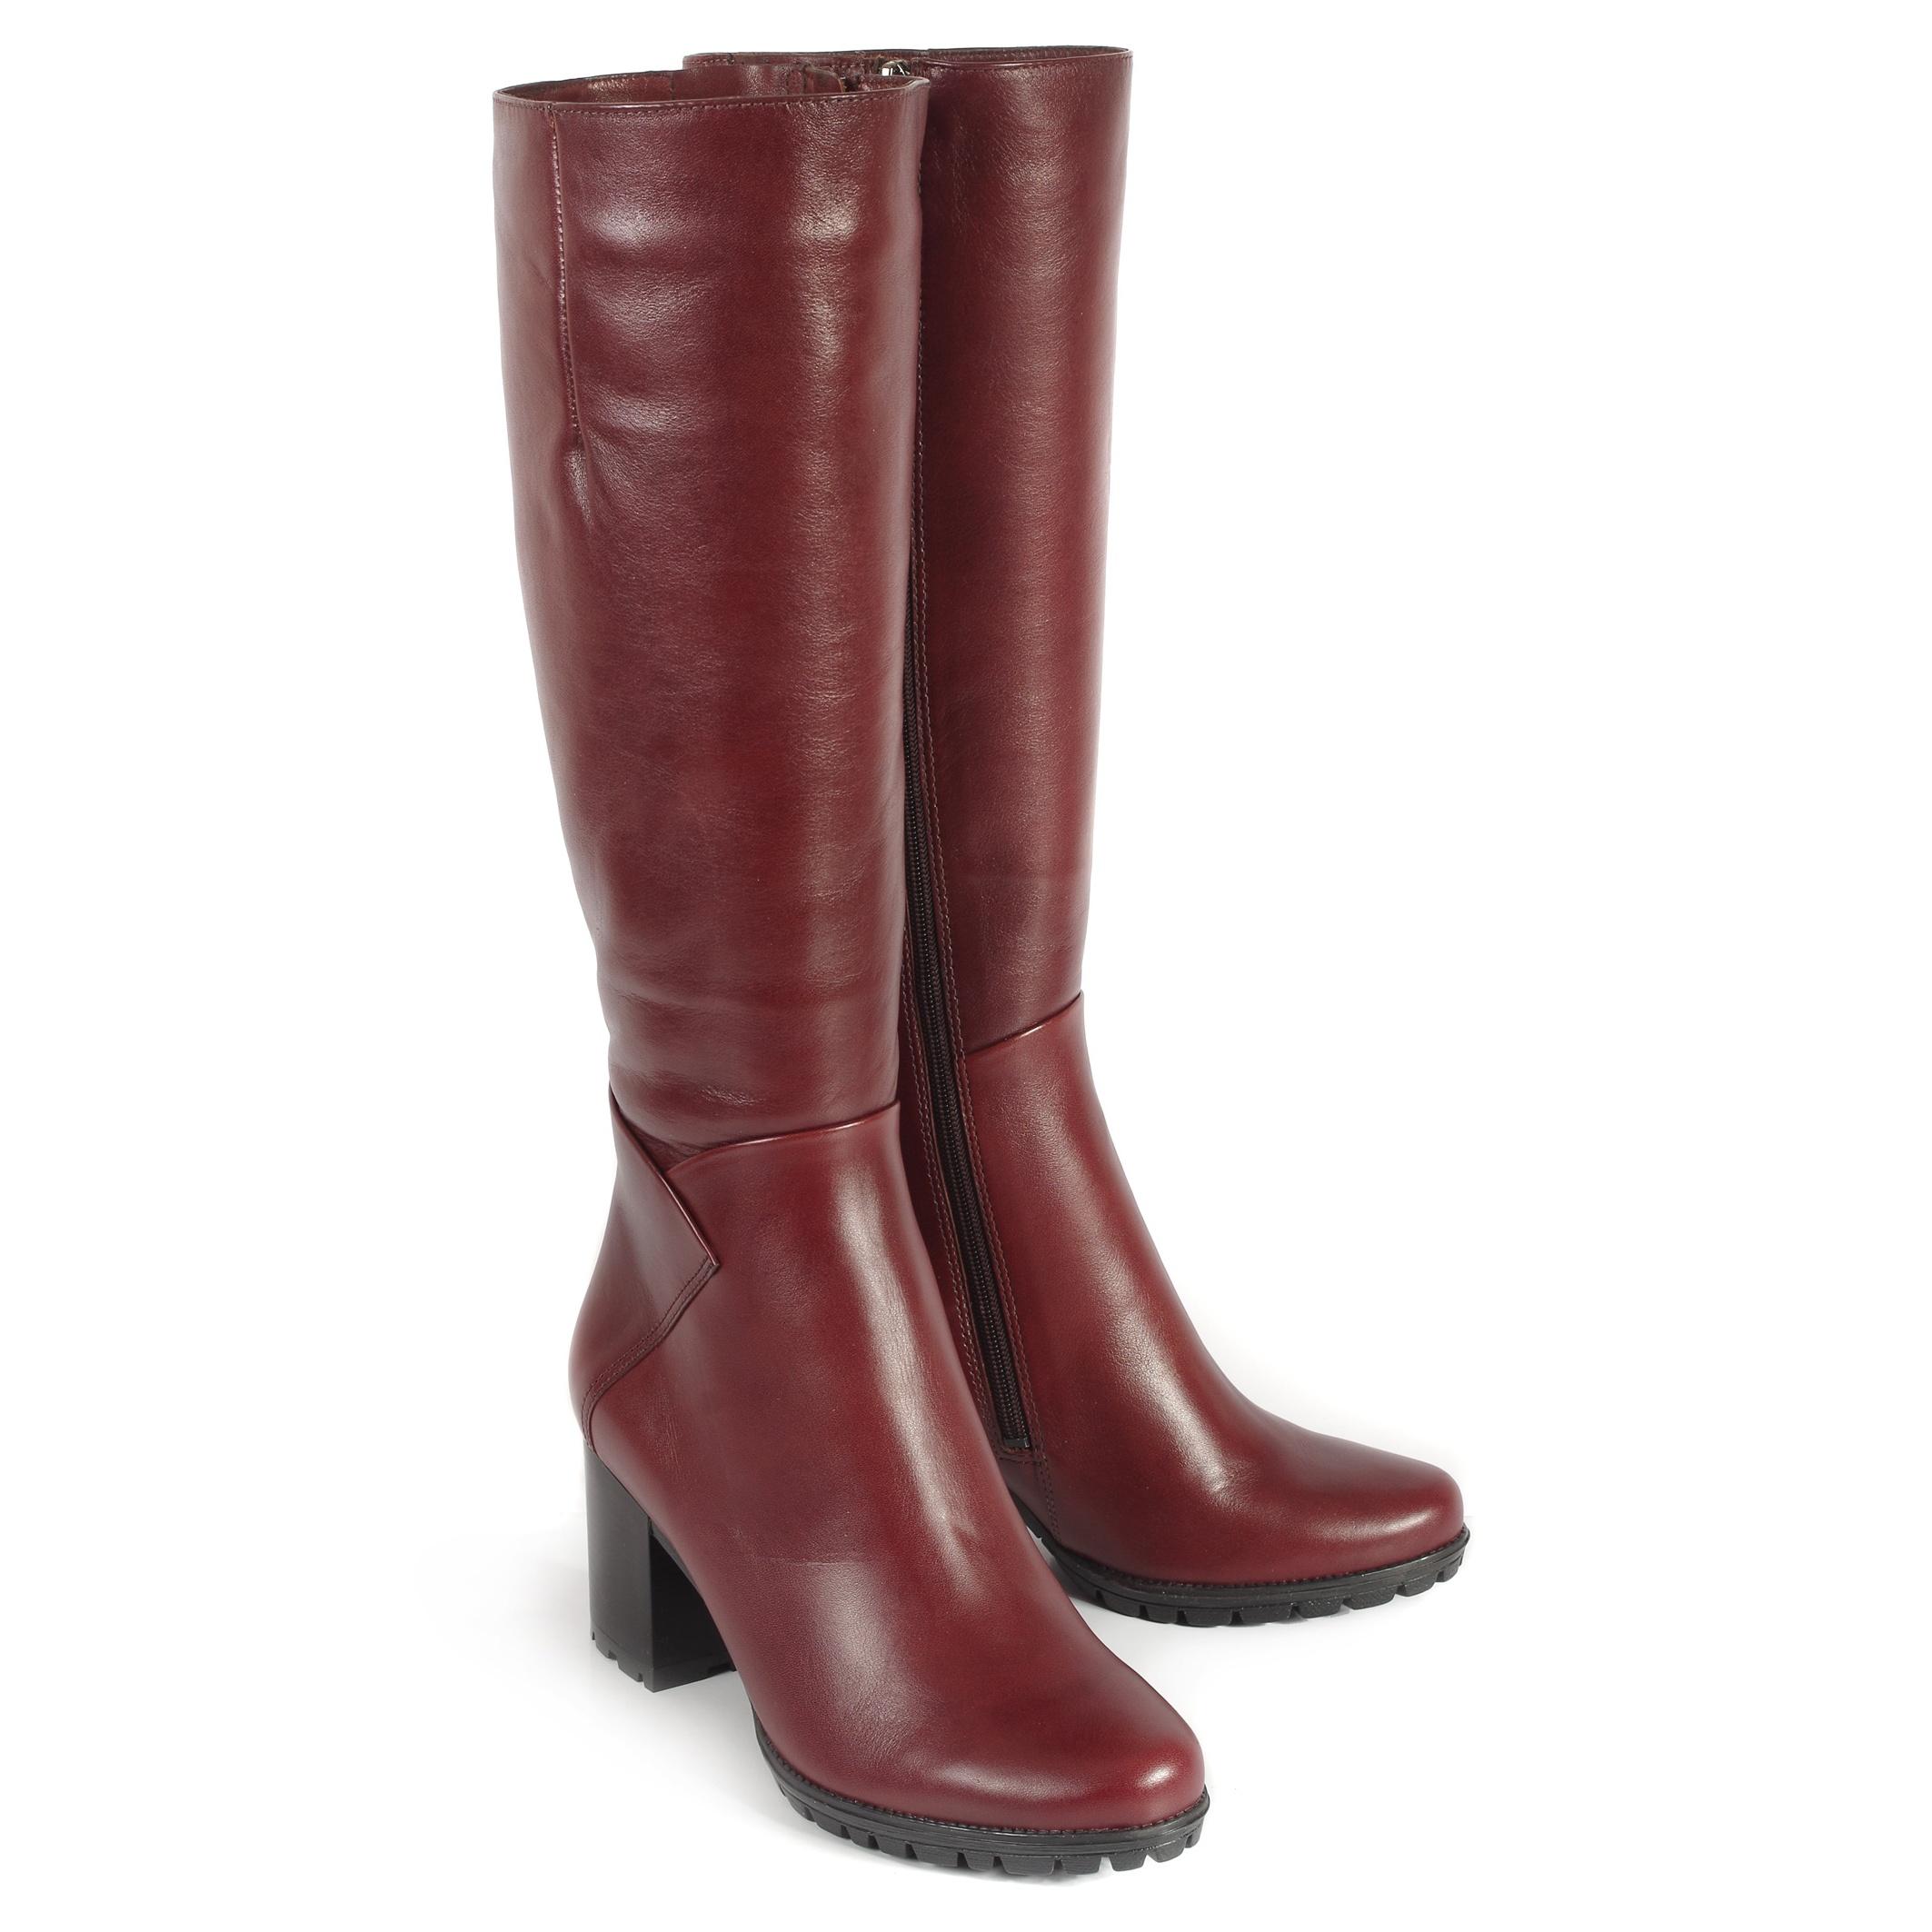 Сбор заказов.Обувь из суровой Сибири, готовимся к холодам с ИонеССи, без рядов.Только натуральная кожа, качество , комфорт 100%. Многие уже оценили эту обувь!